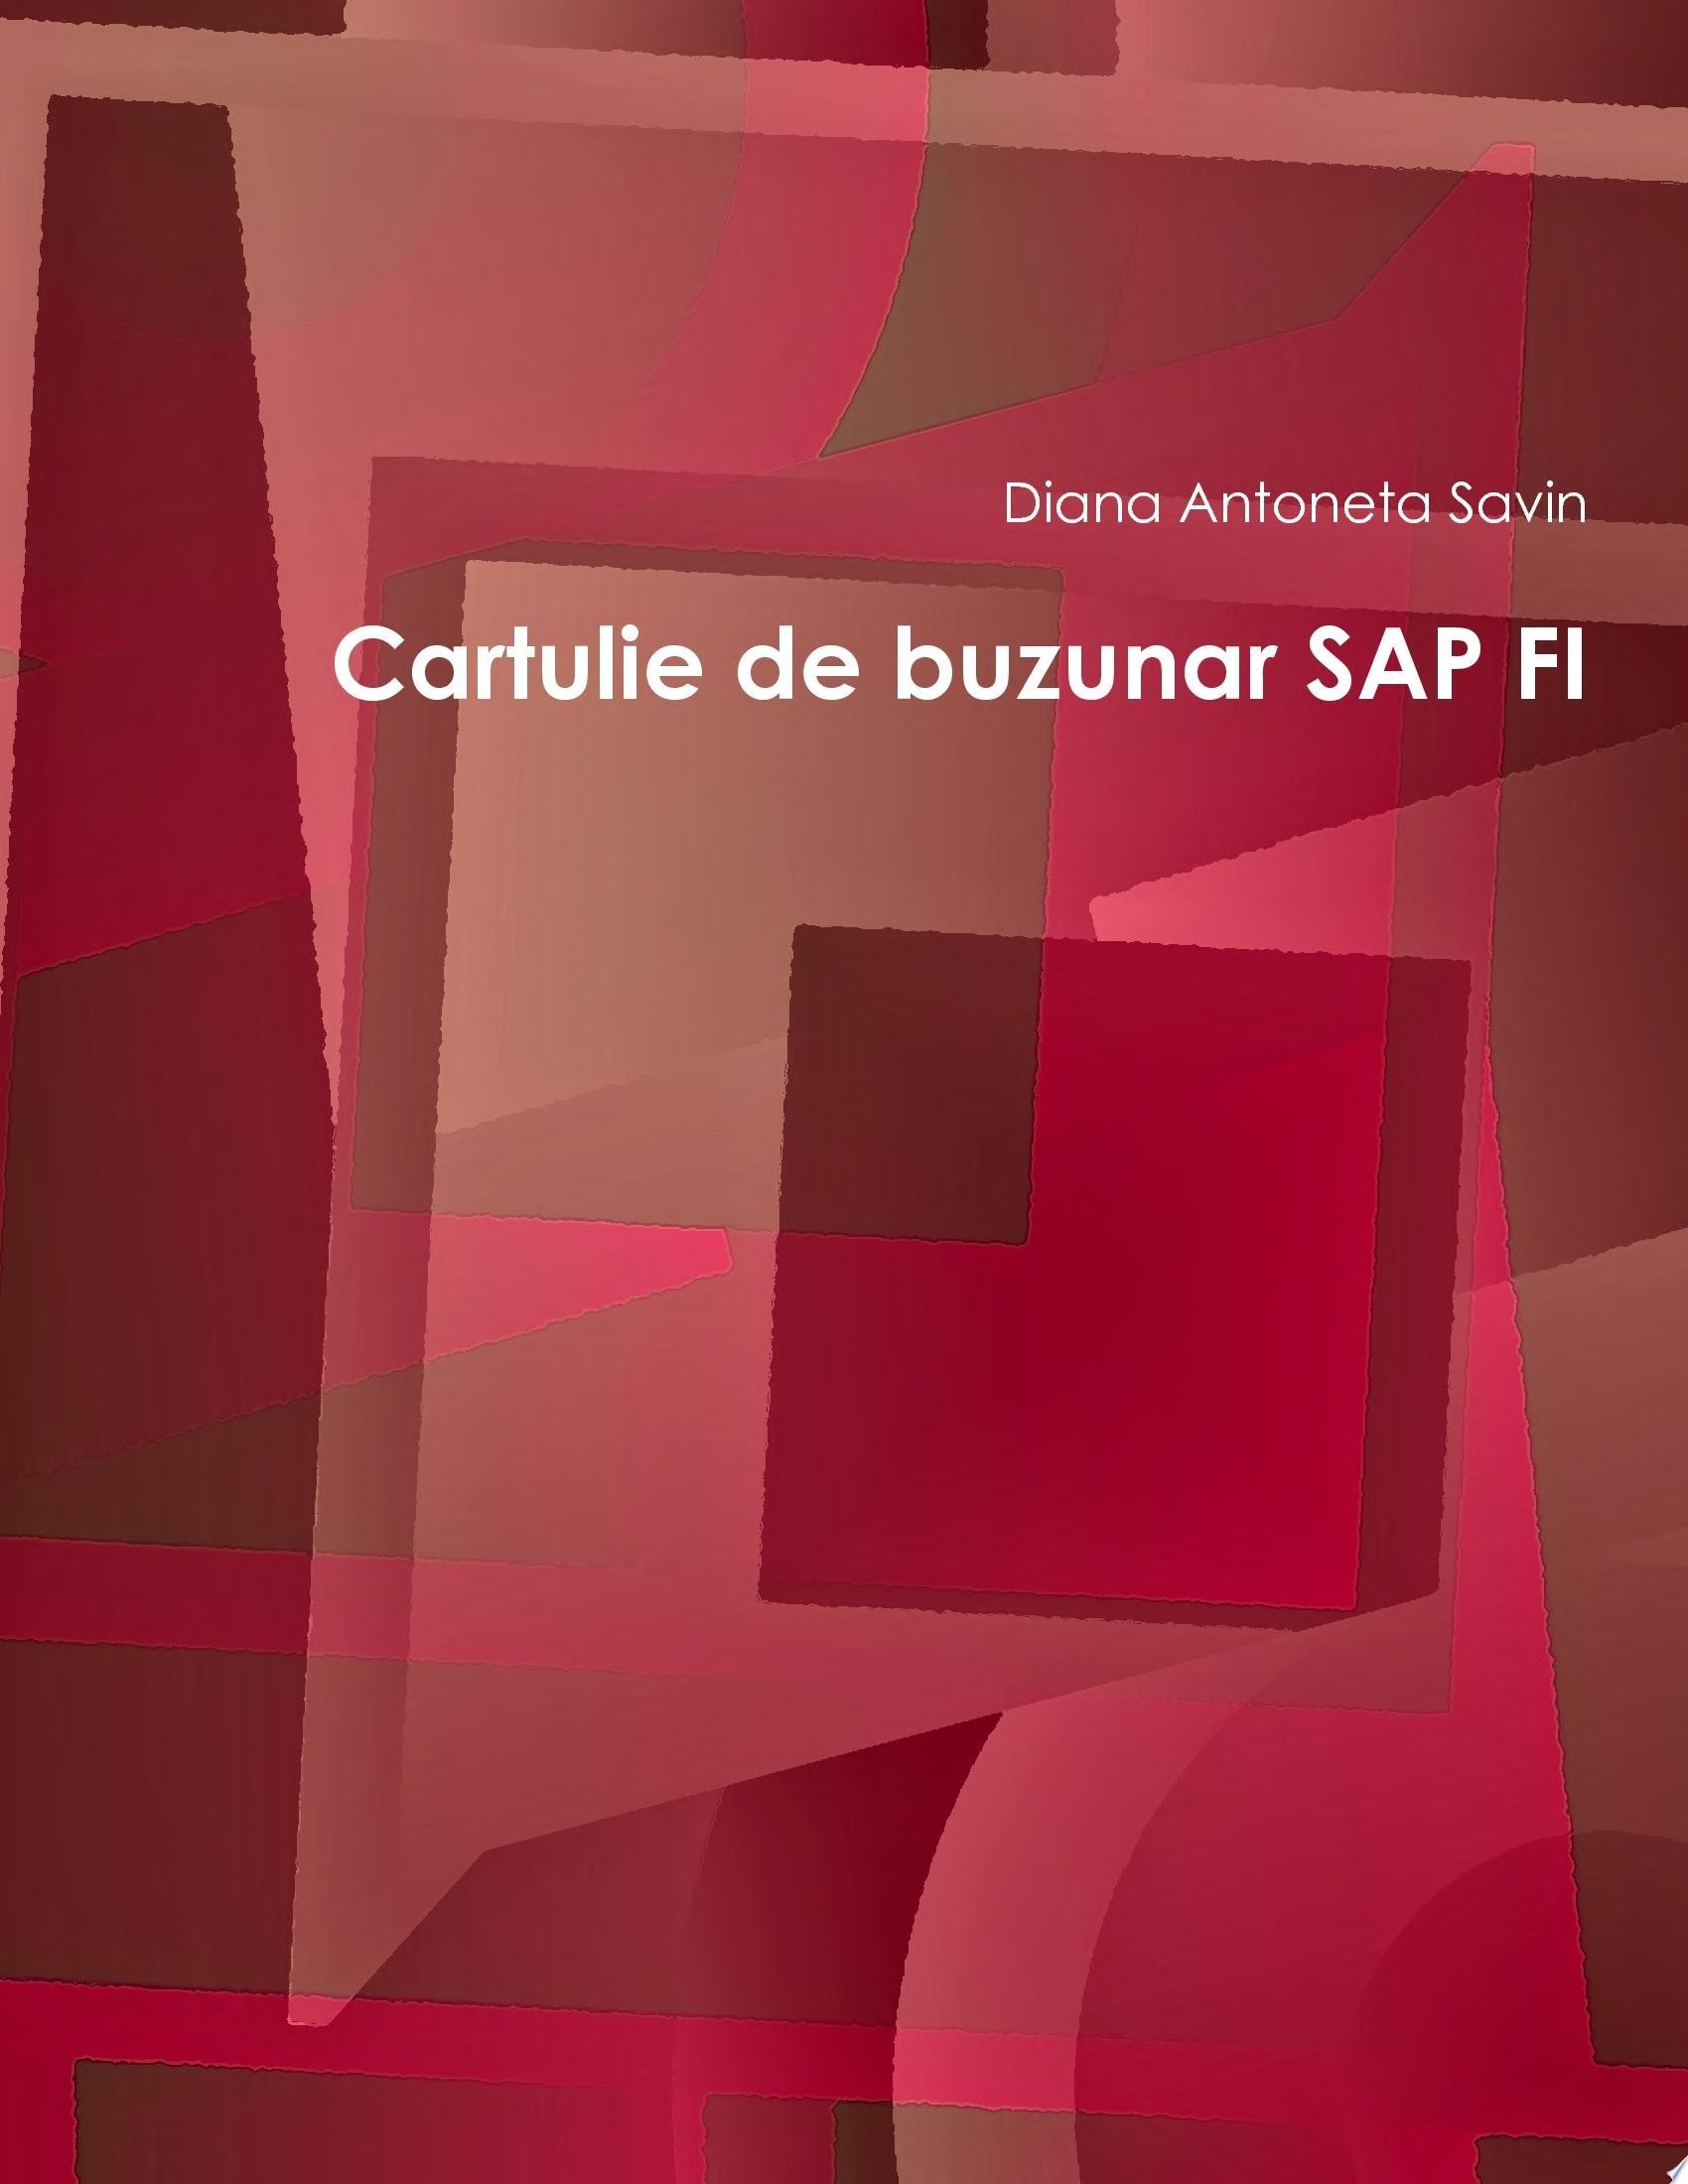 Cartulie de buzunar SAP FI